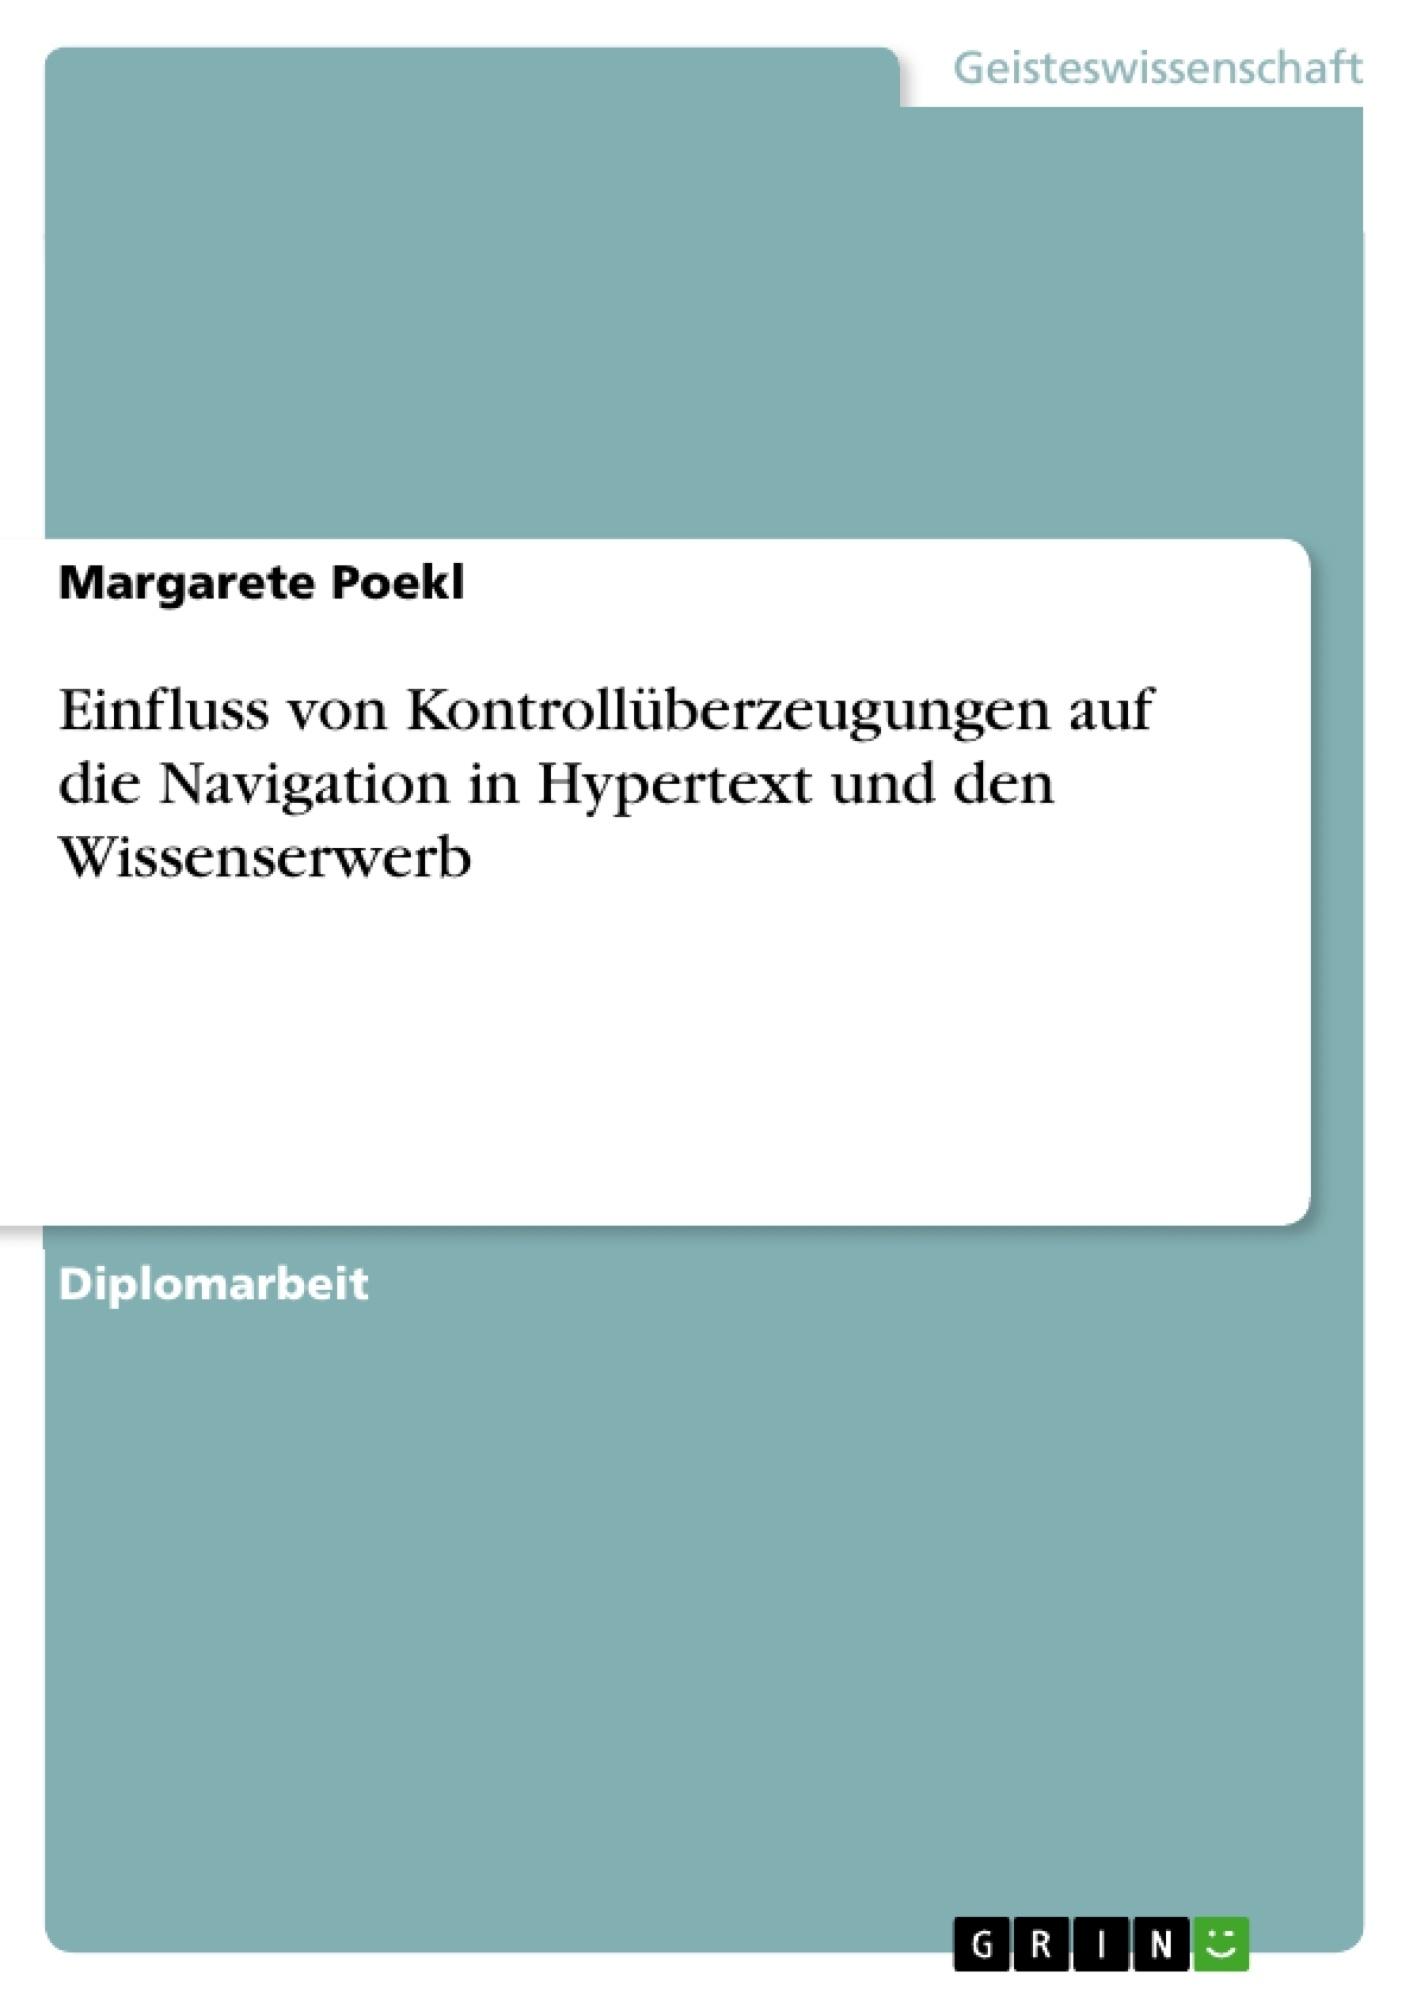 Titel: Einfluss von Kontrollüberzeugungen auf die Navigation in Hypertext und den Wissenserwerb